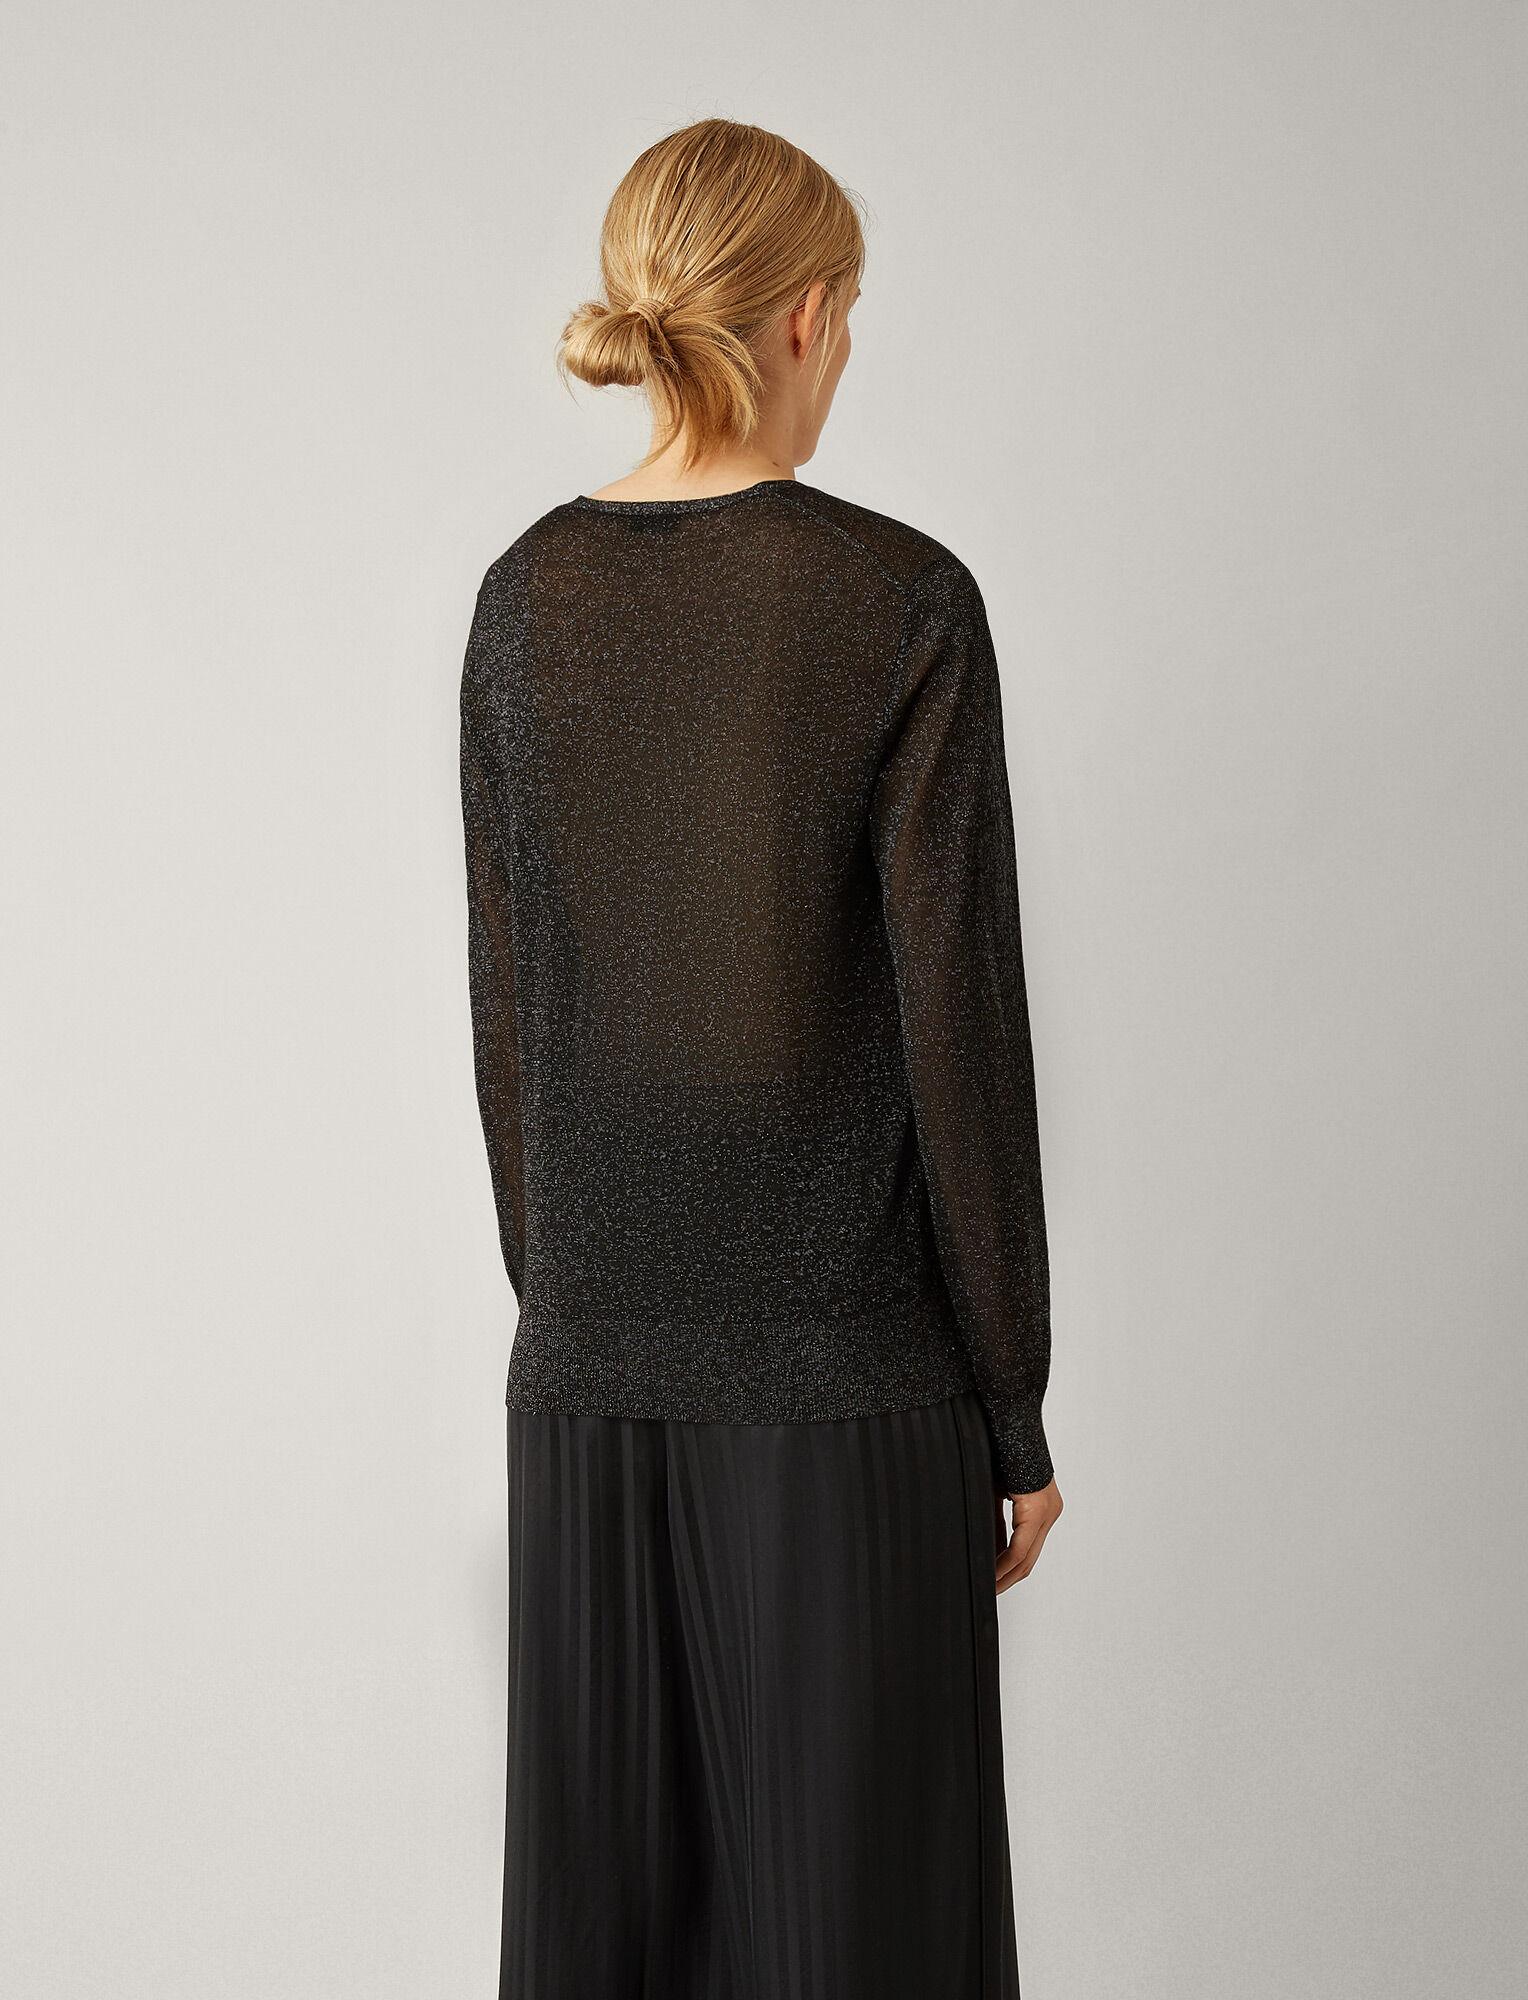 Joseph, V Neck Lurex Knit, in BLACK